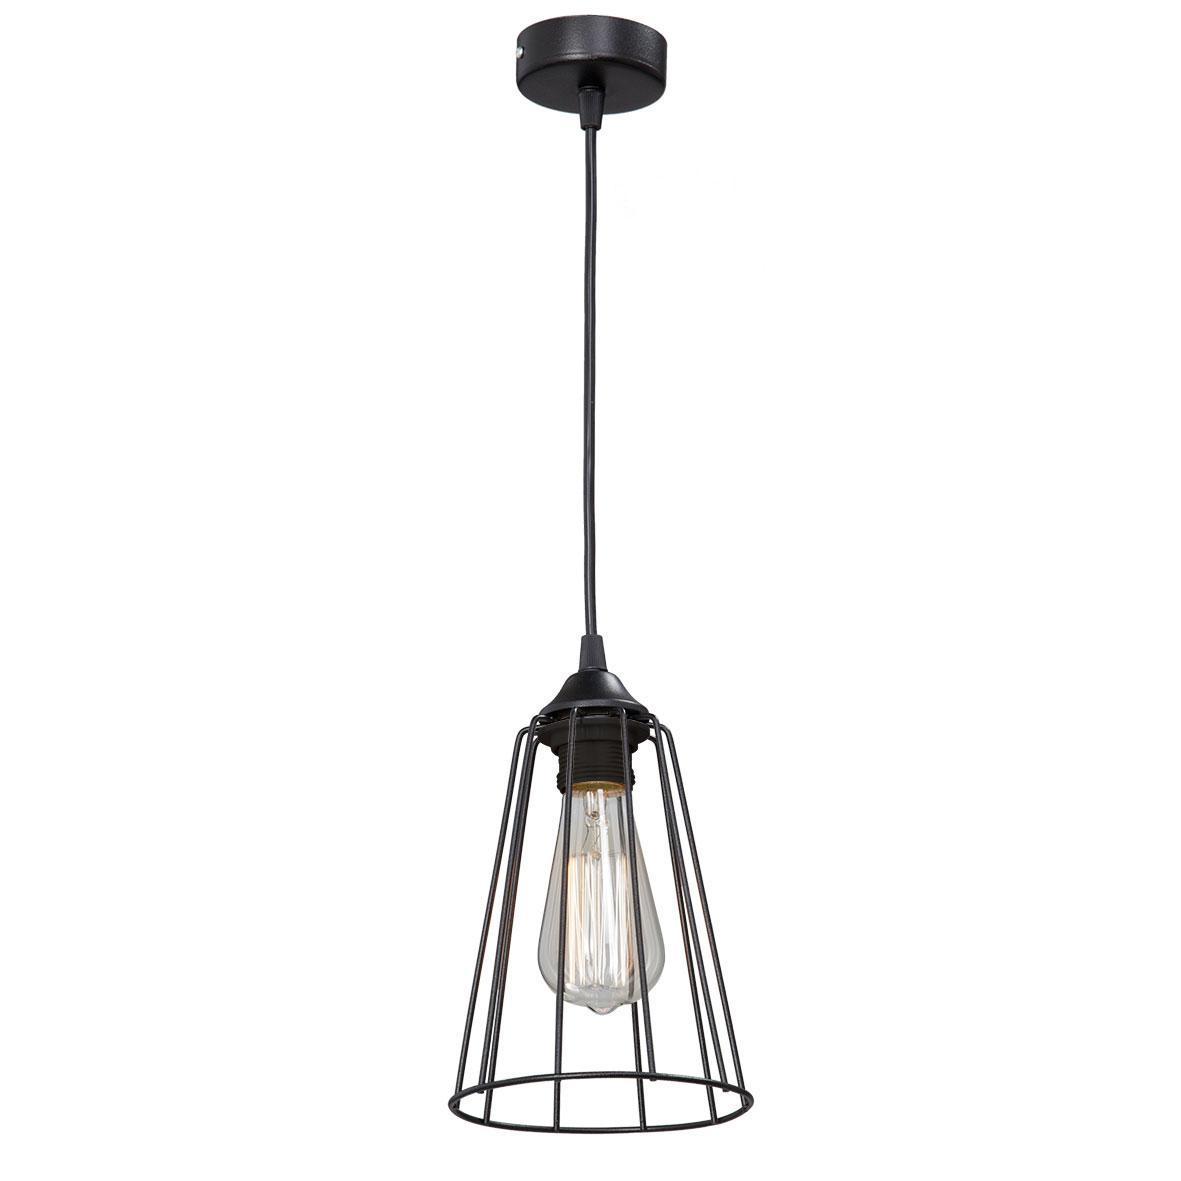 Подвесной светильник Vitaluce V4257-1/1S подвесной светильник vitaluce v4168 1 1s